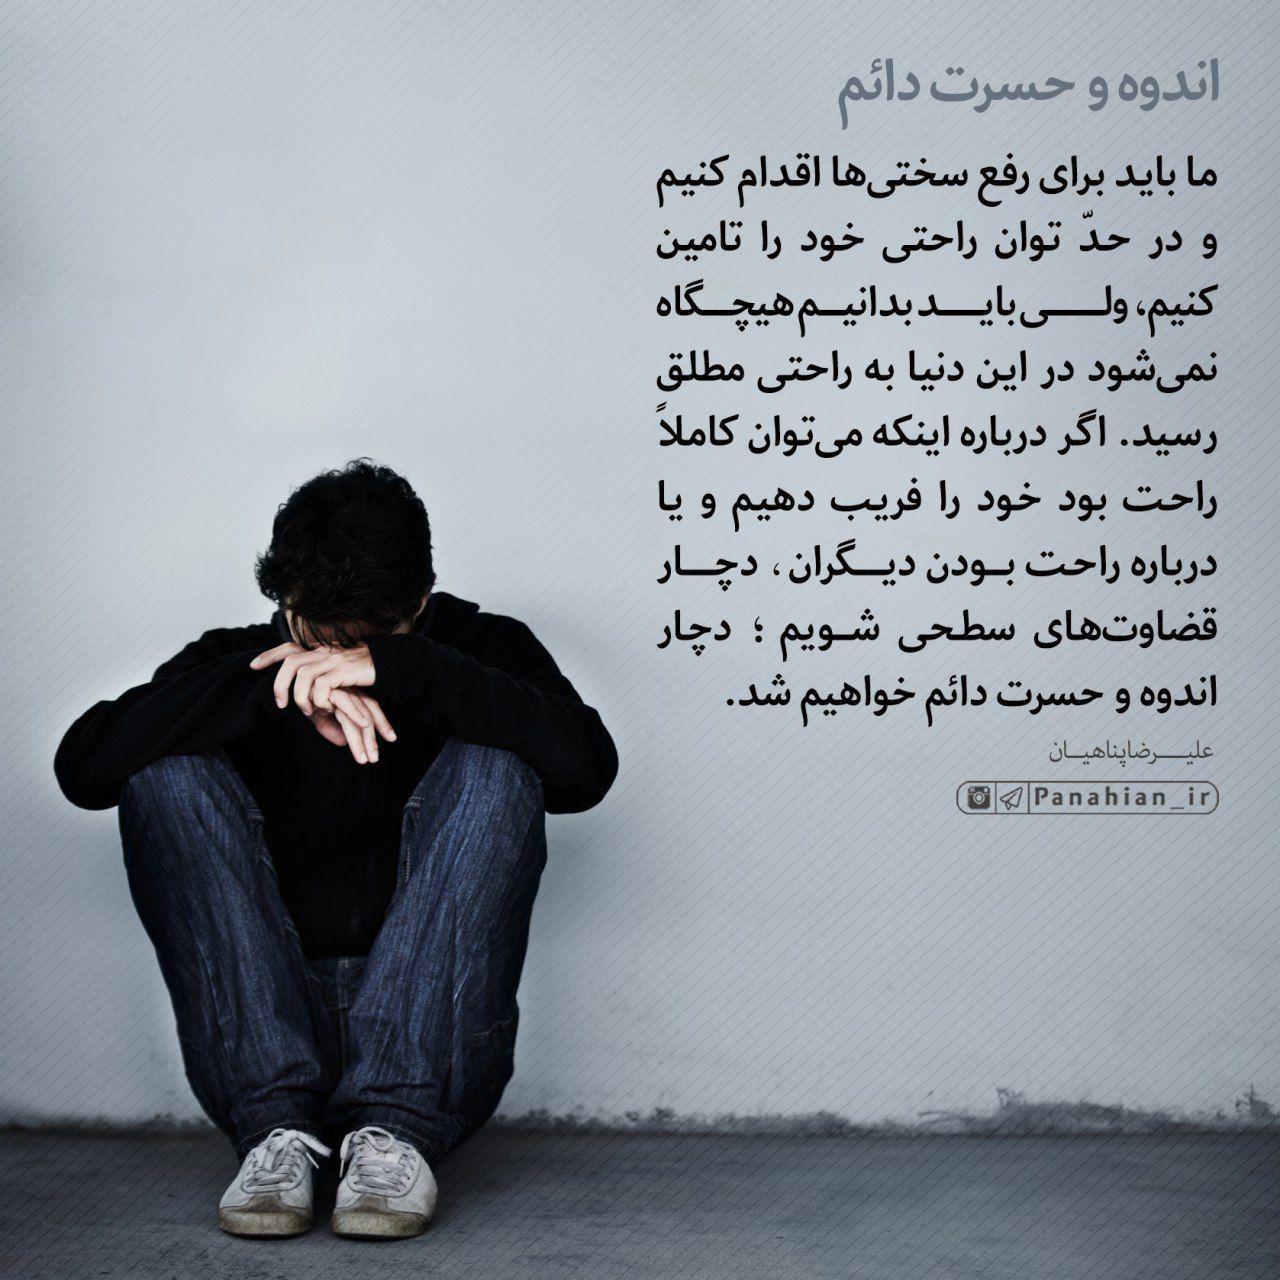 جملات پشیمانی